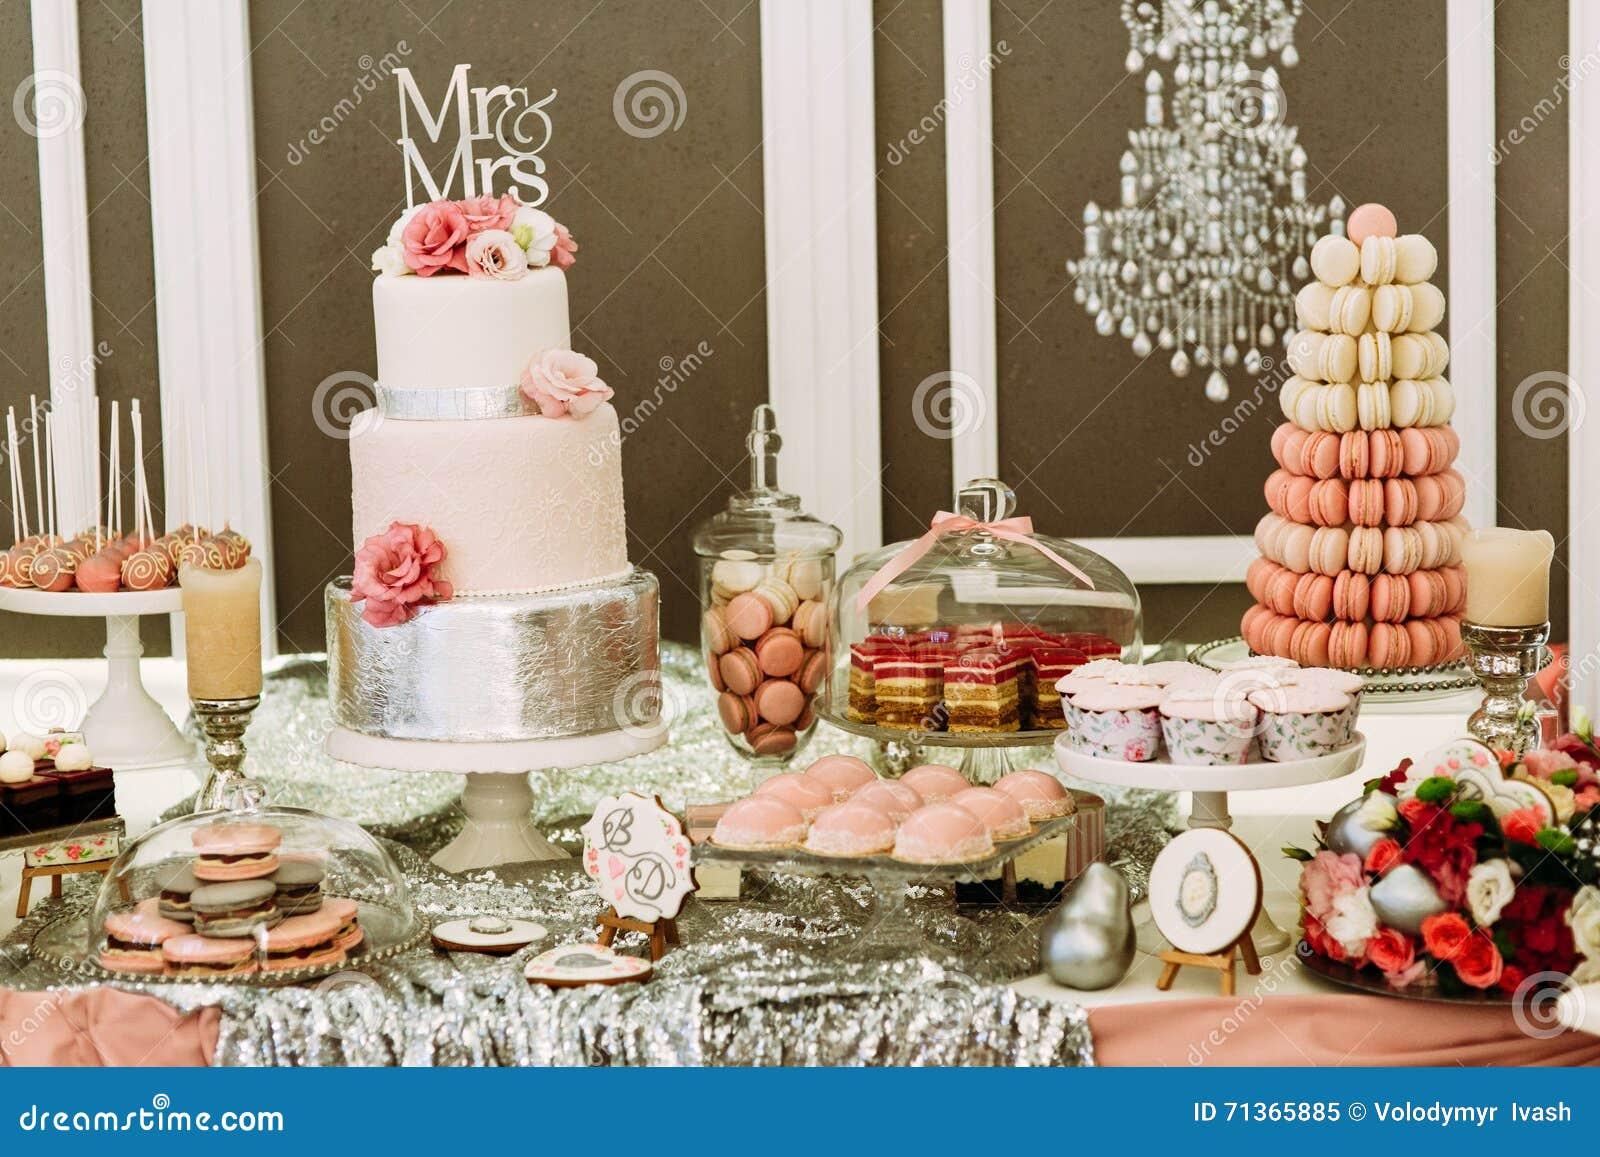 Gâteau De Mariage De Luxe Avec Les Macarons Et Les Petits